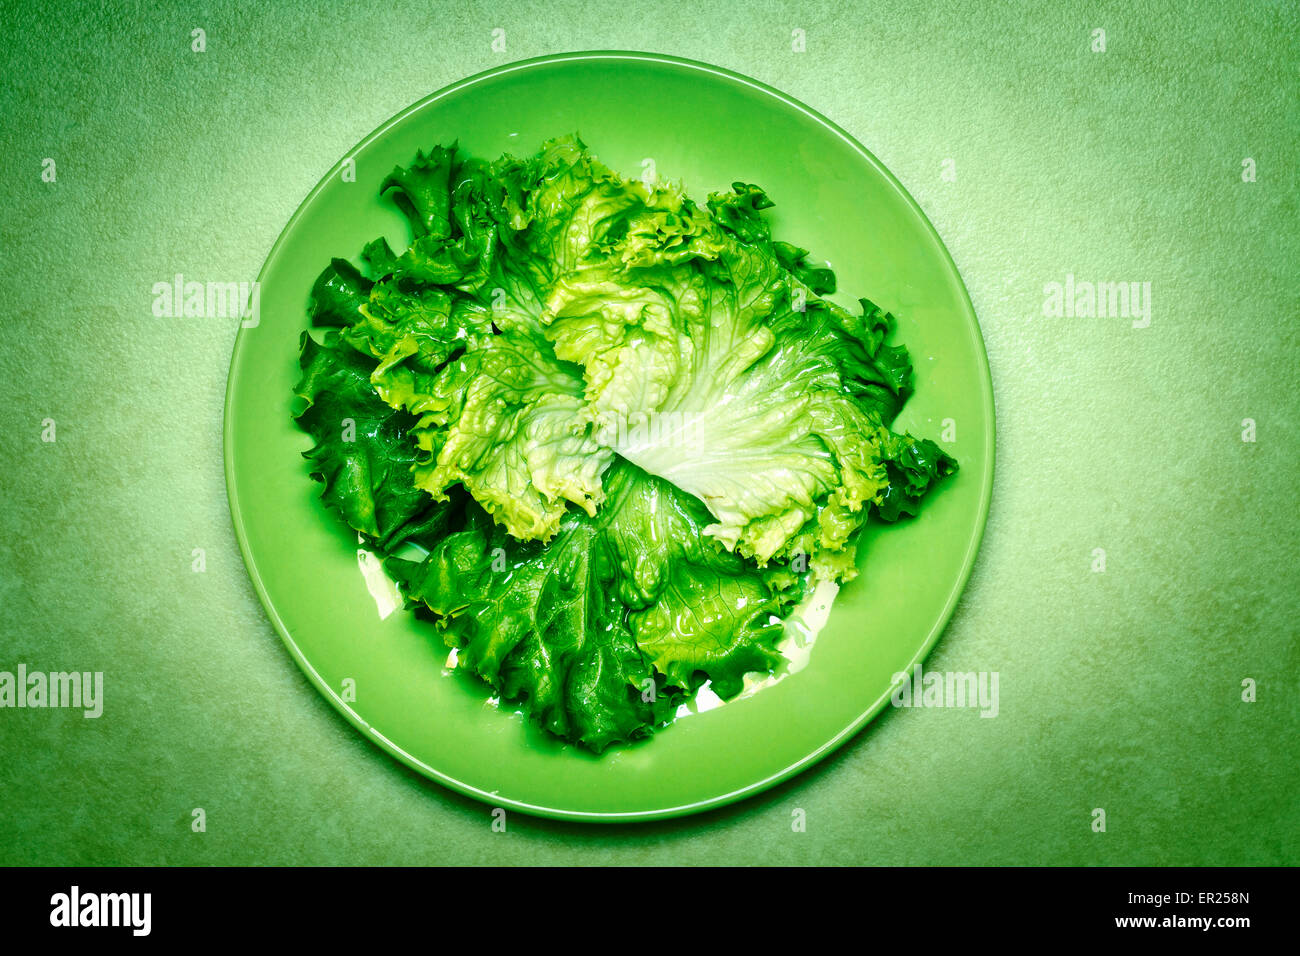 Insalata verde lascia sulla piastra verde Immagini Stock